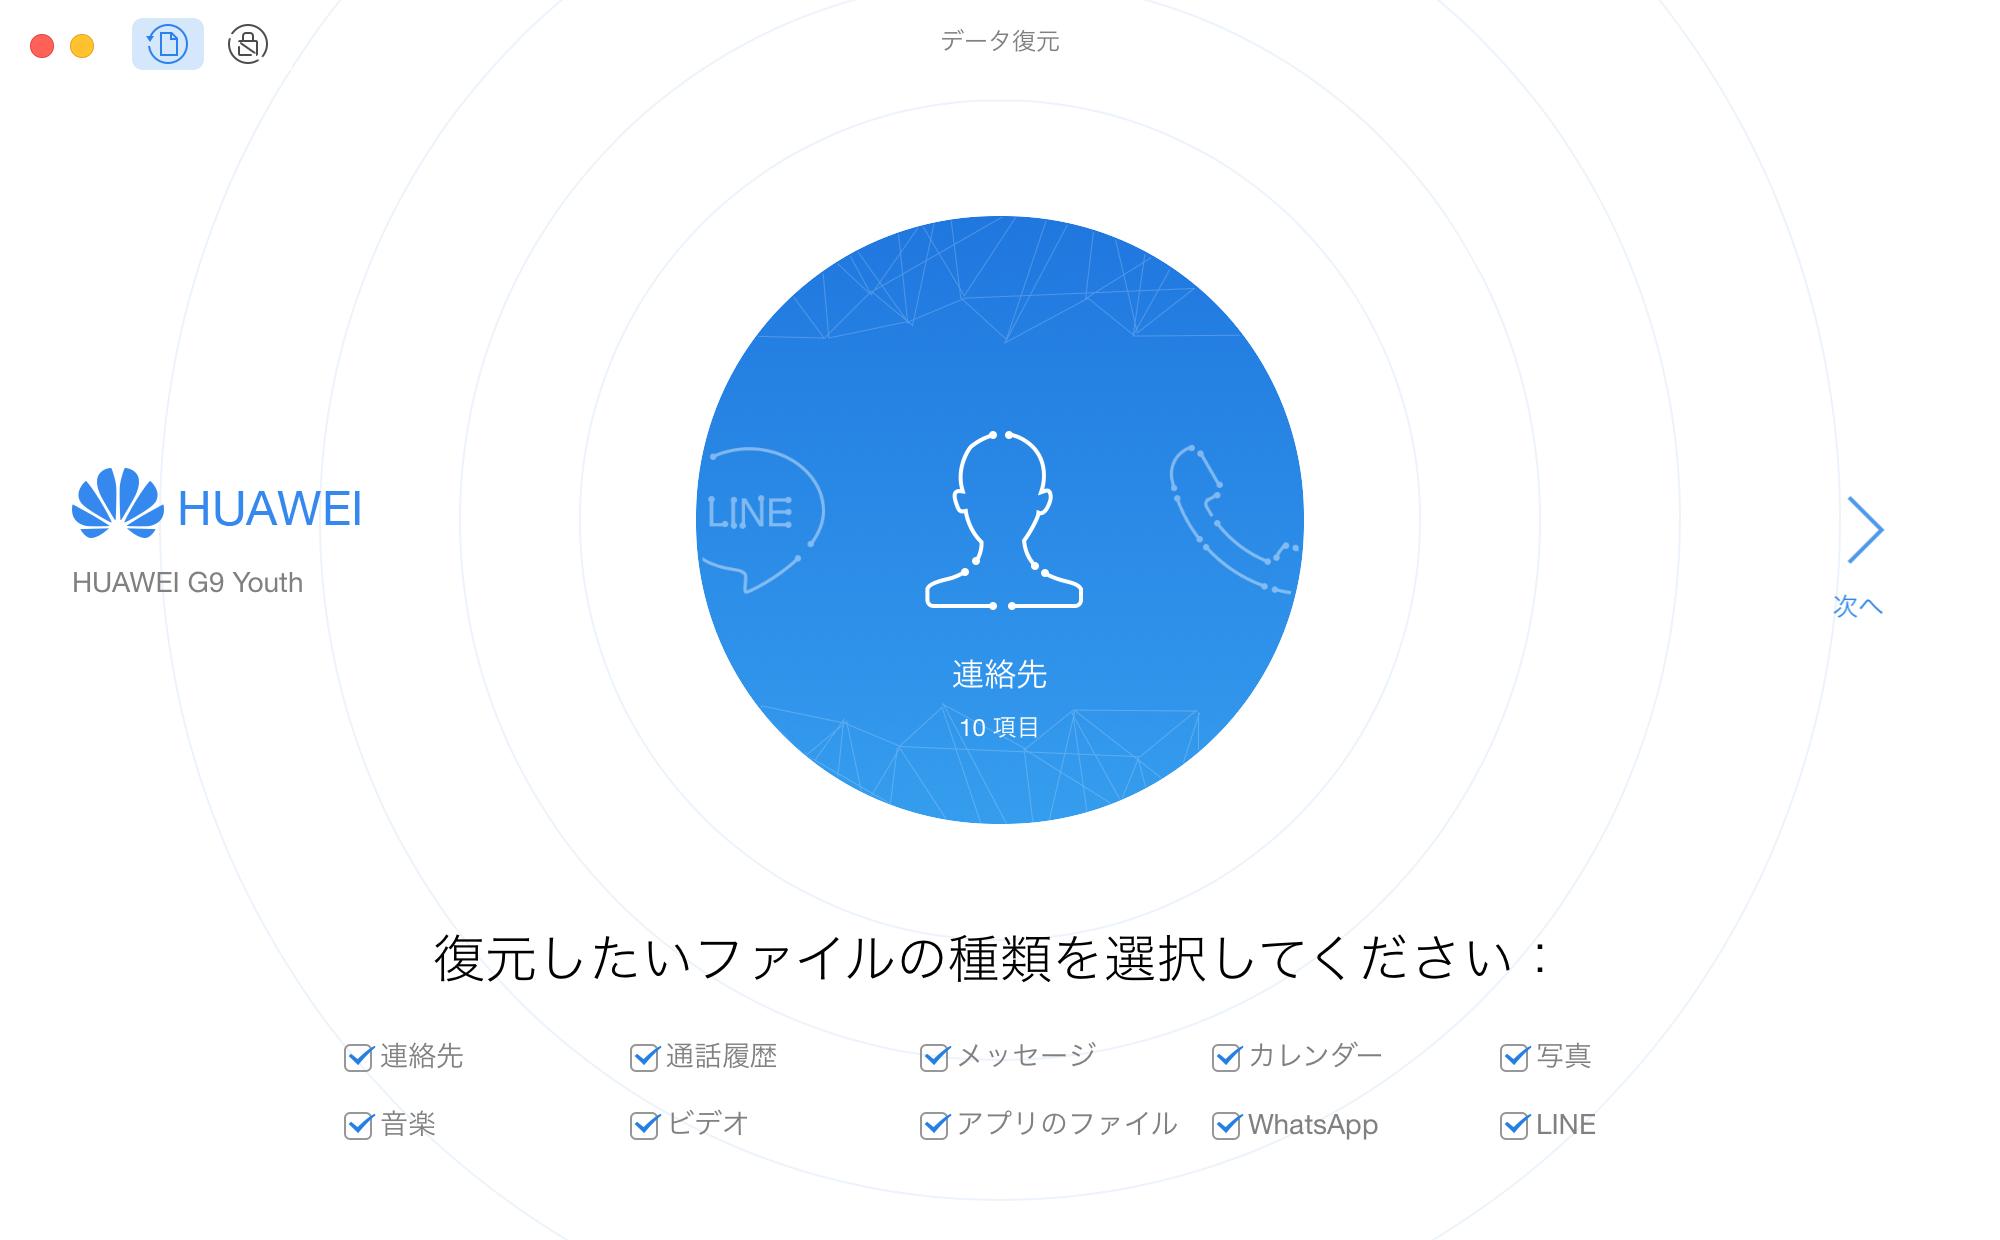 PhoneRescue - HUAWEIデータ復元のホーム画面